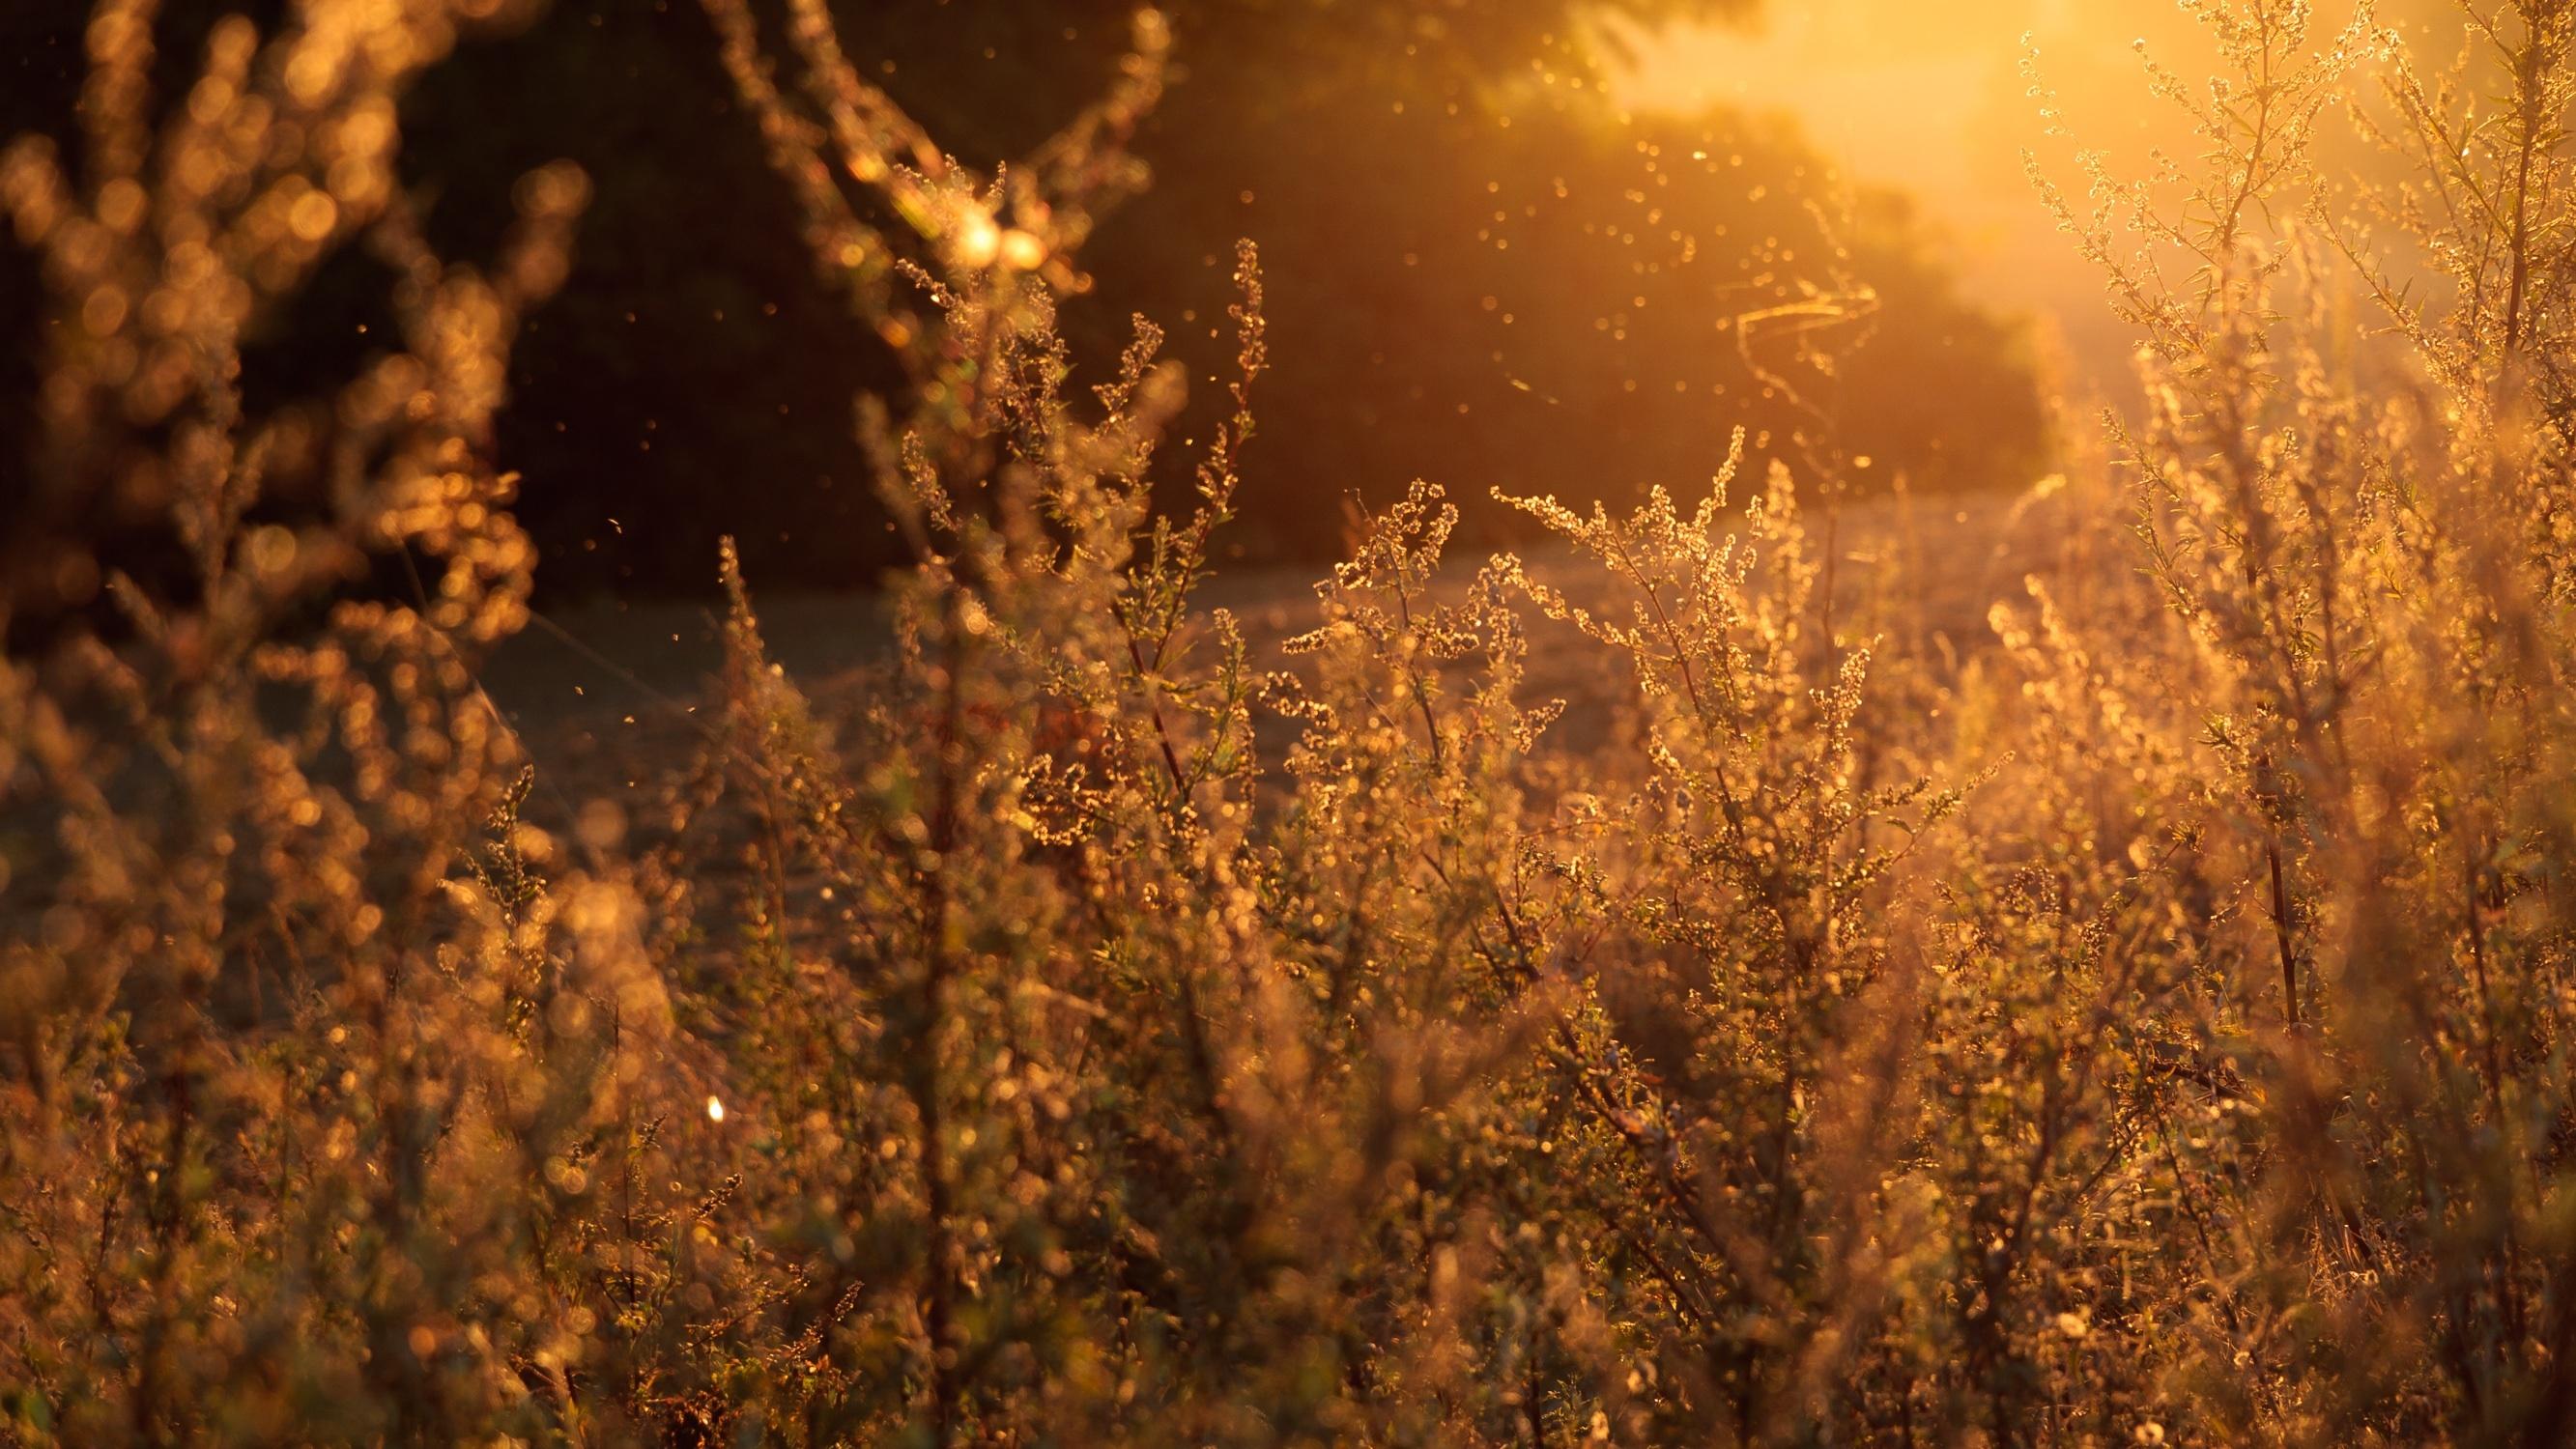 Amélioration de la production biologique nordique de grains de spécialité par le développement d'un plan de contrôle efficace de la pression des mauvaises herbes adapté aux conditions agroclimatiques et aux pratiques du Saguenay-Lac‐Saint‐Jean.